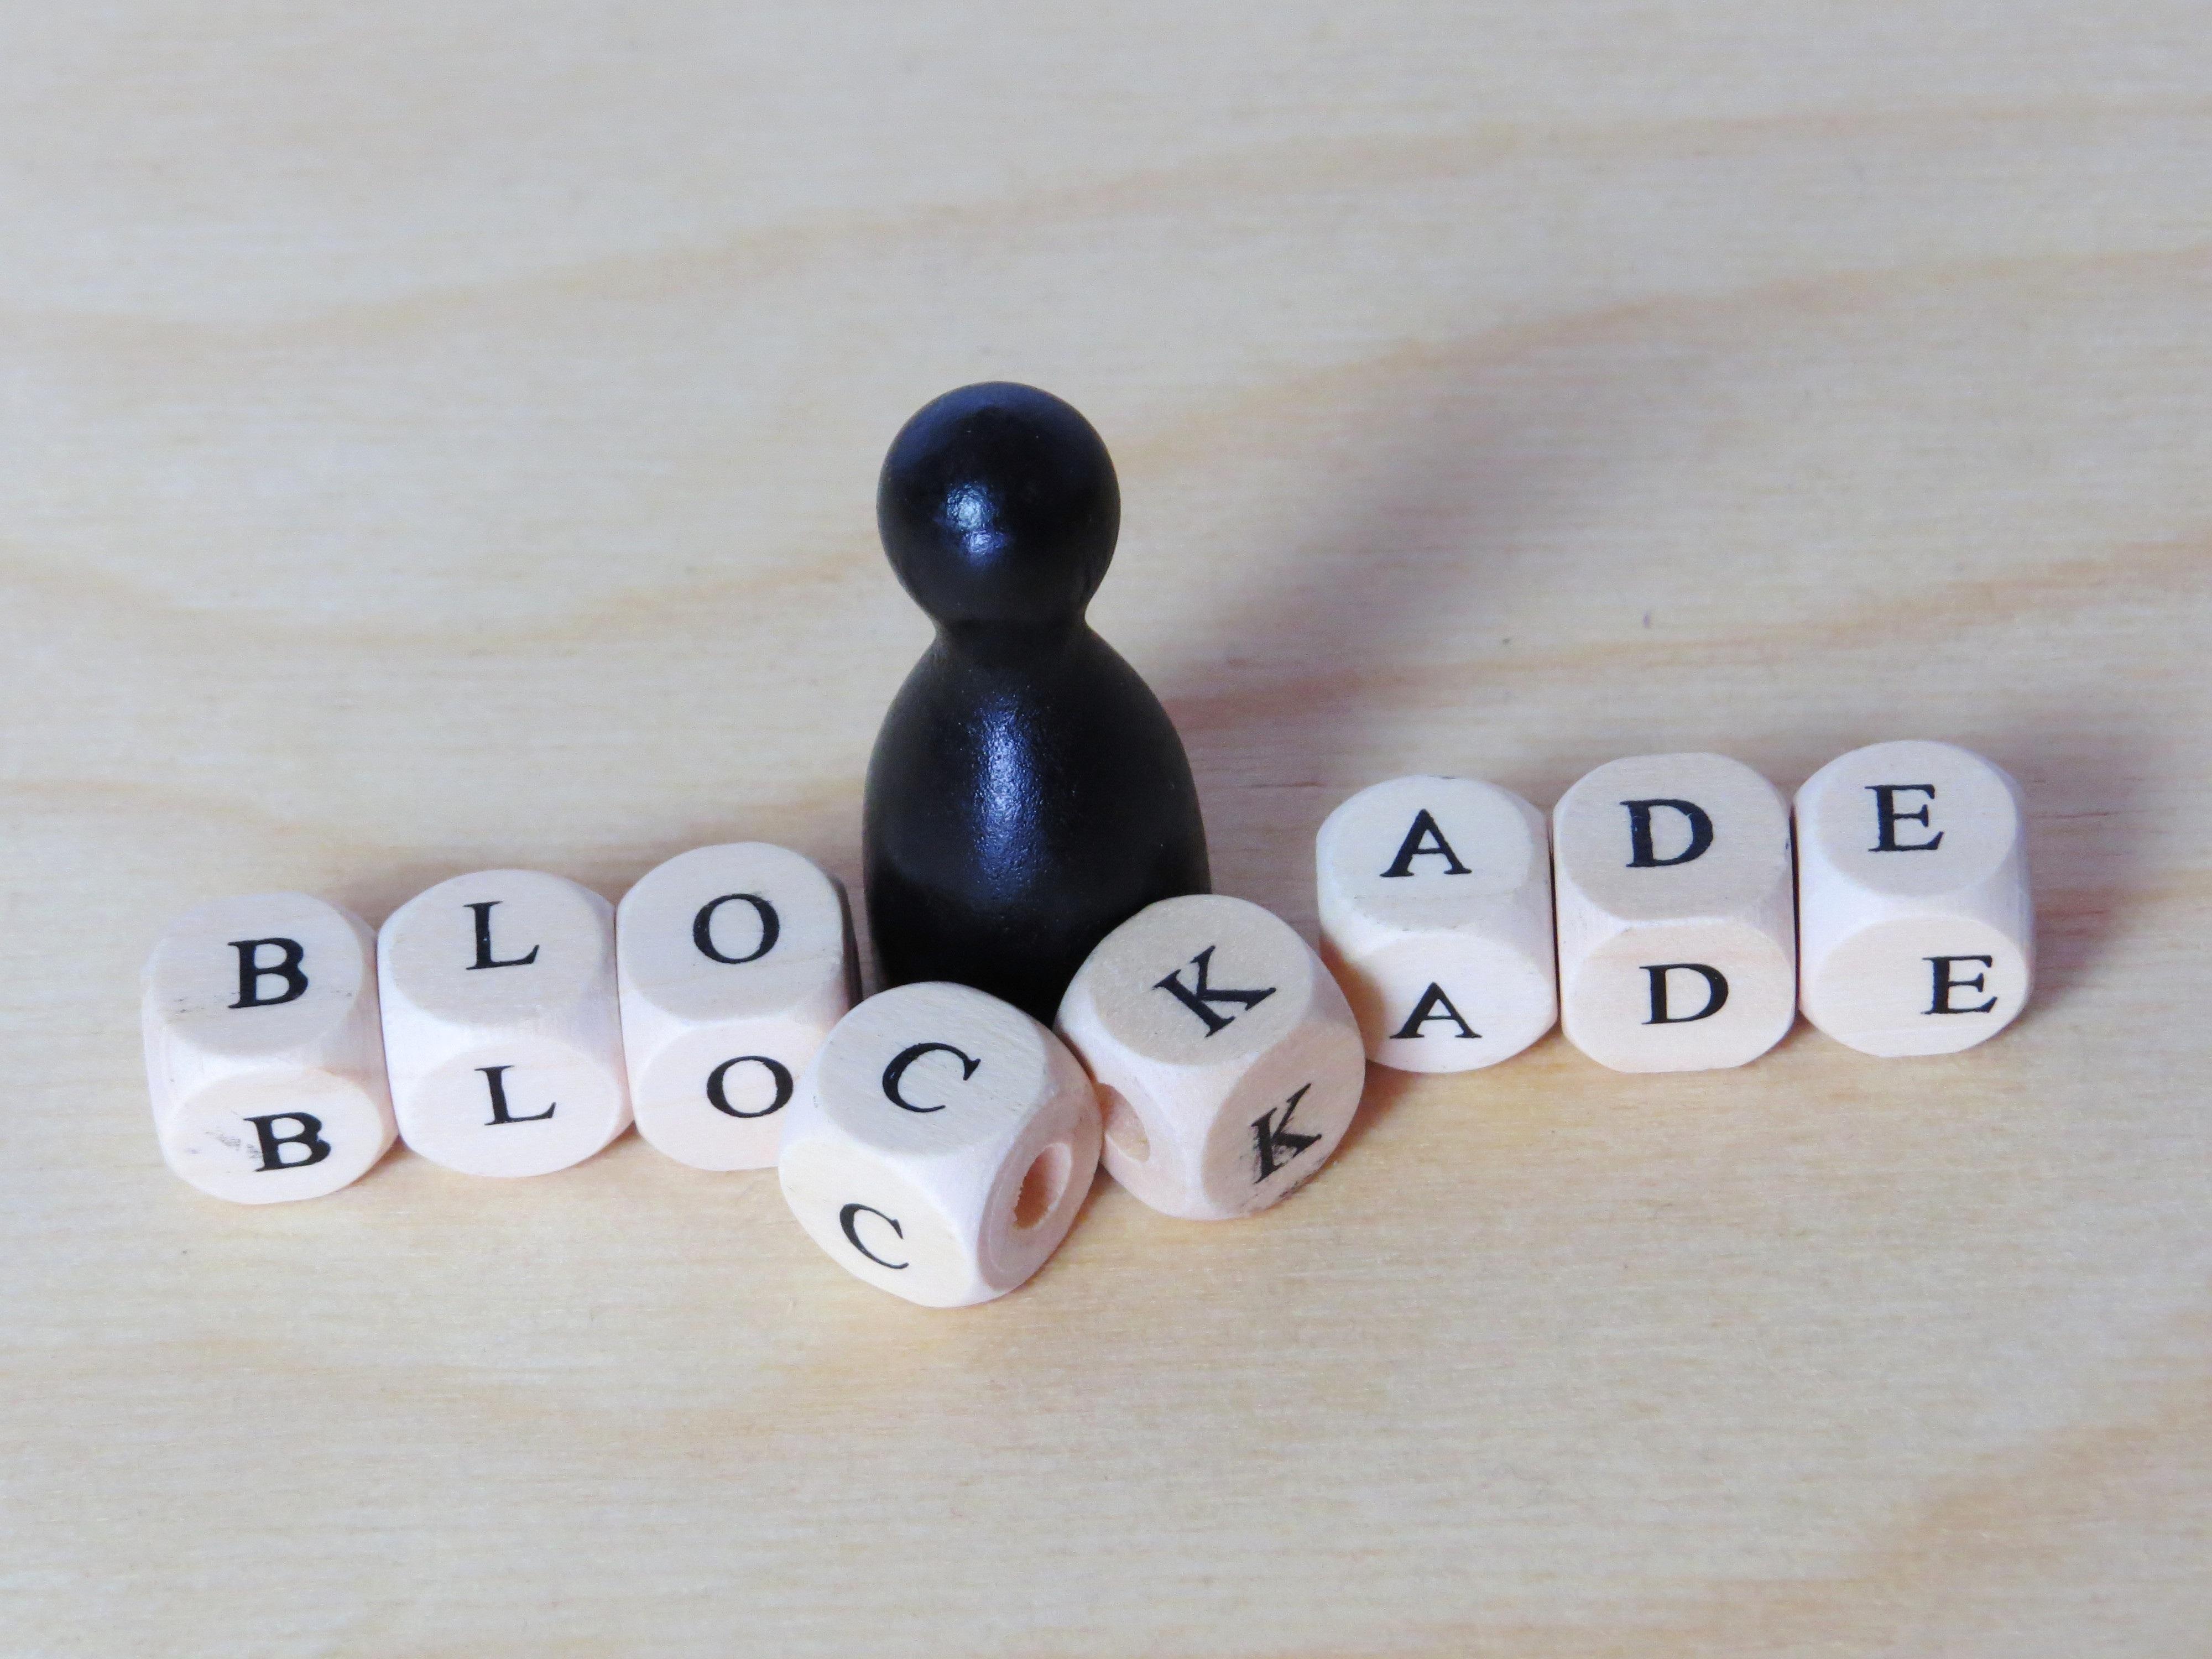 Kostenlose foto : Erholung, Perle, Brettspiel, Schriftart, Spiele ...